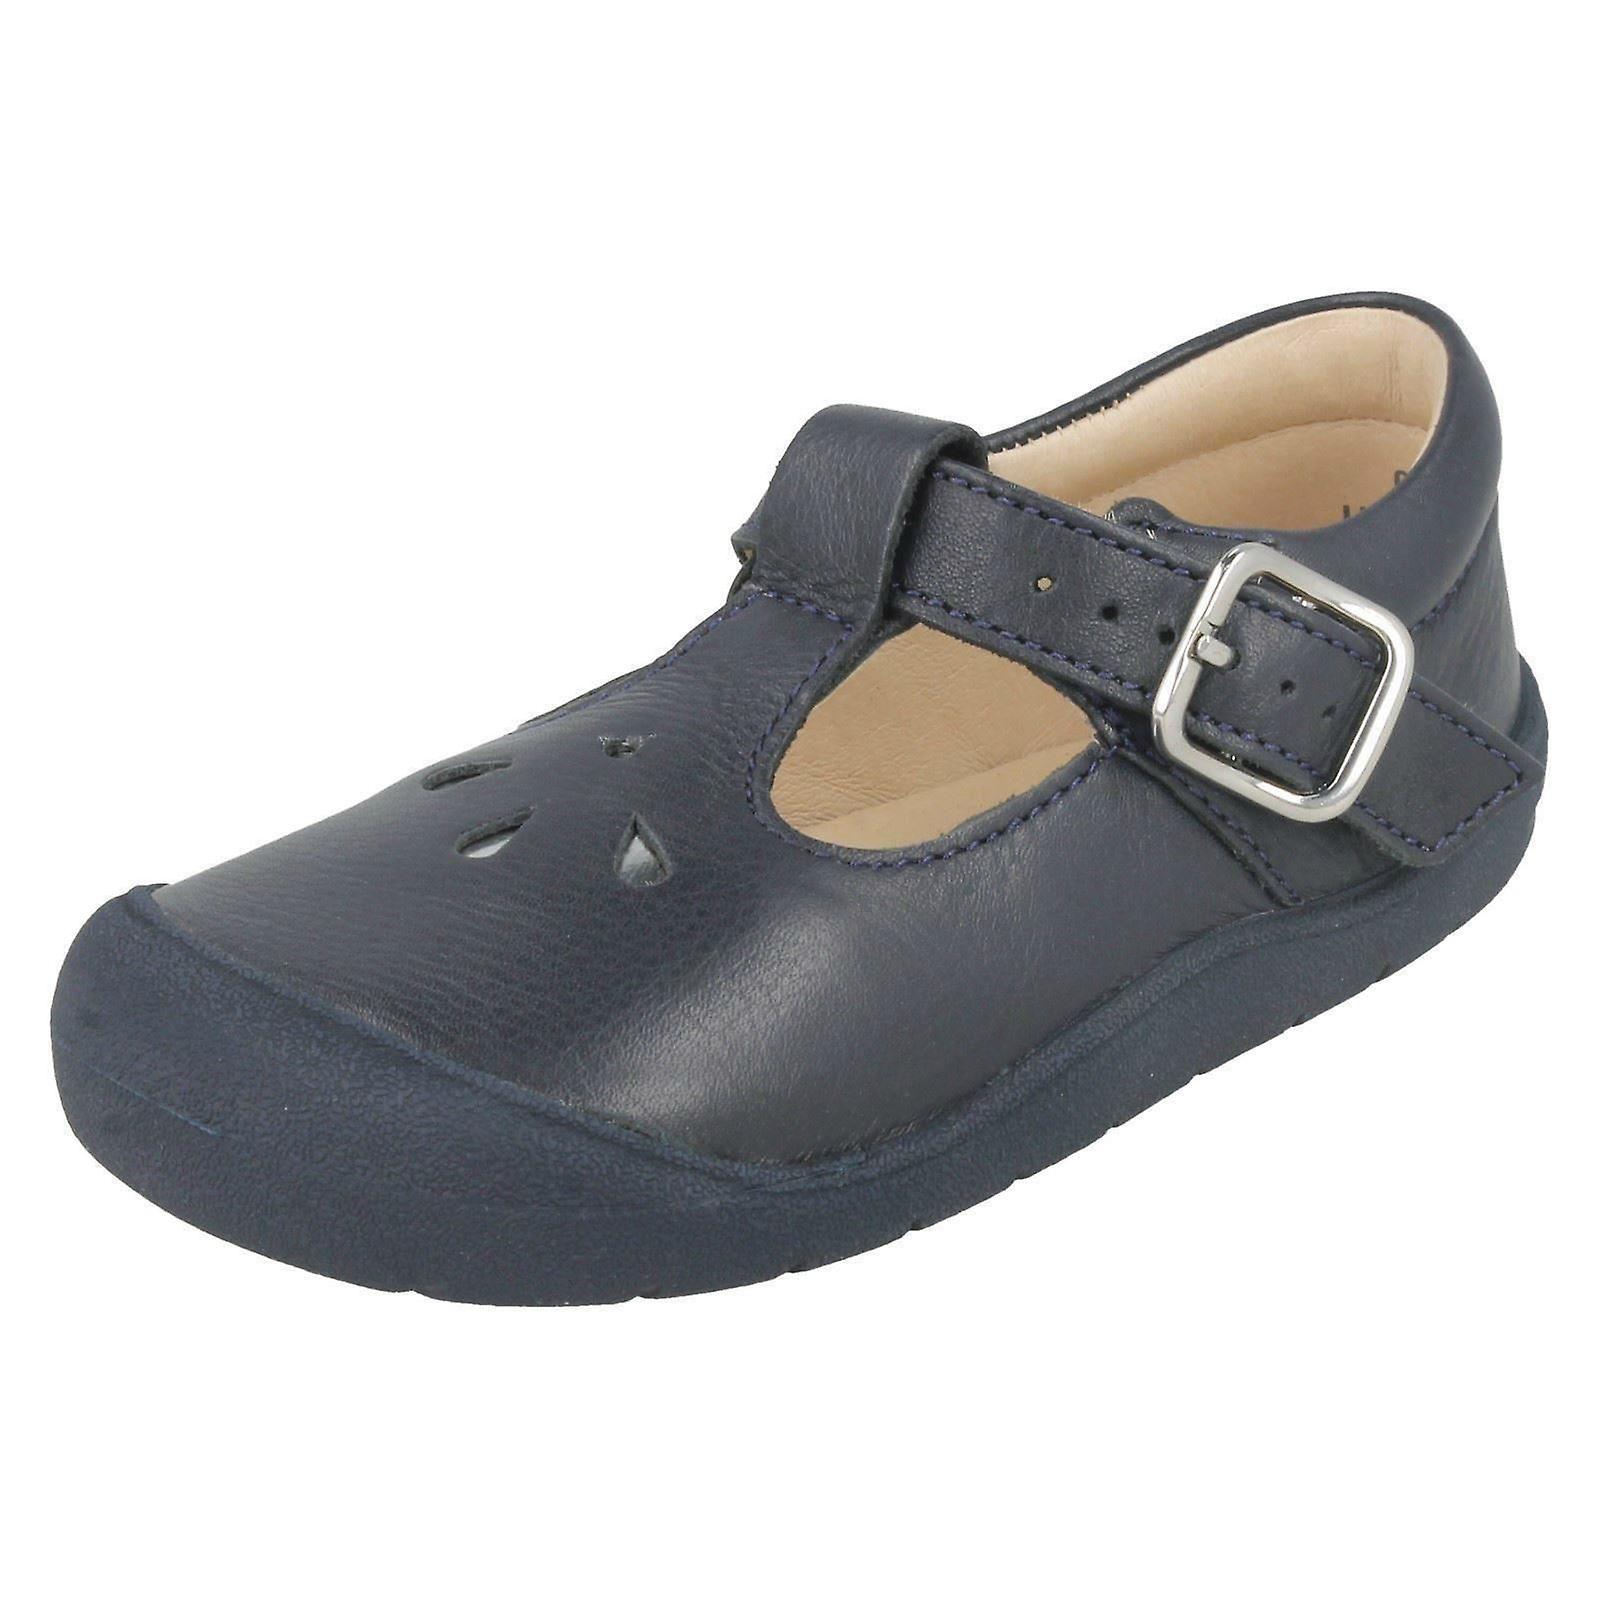 Barre en t de filles Startrite chaussures premier Evy